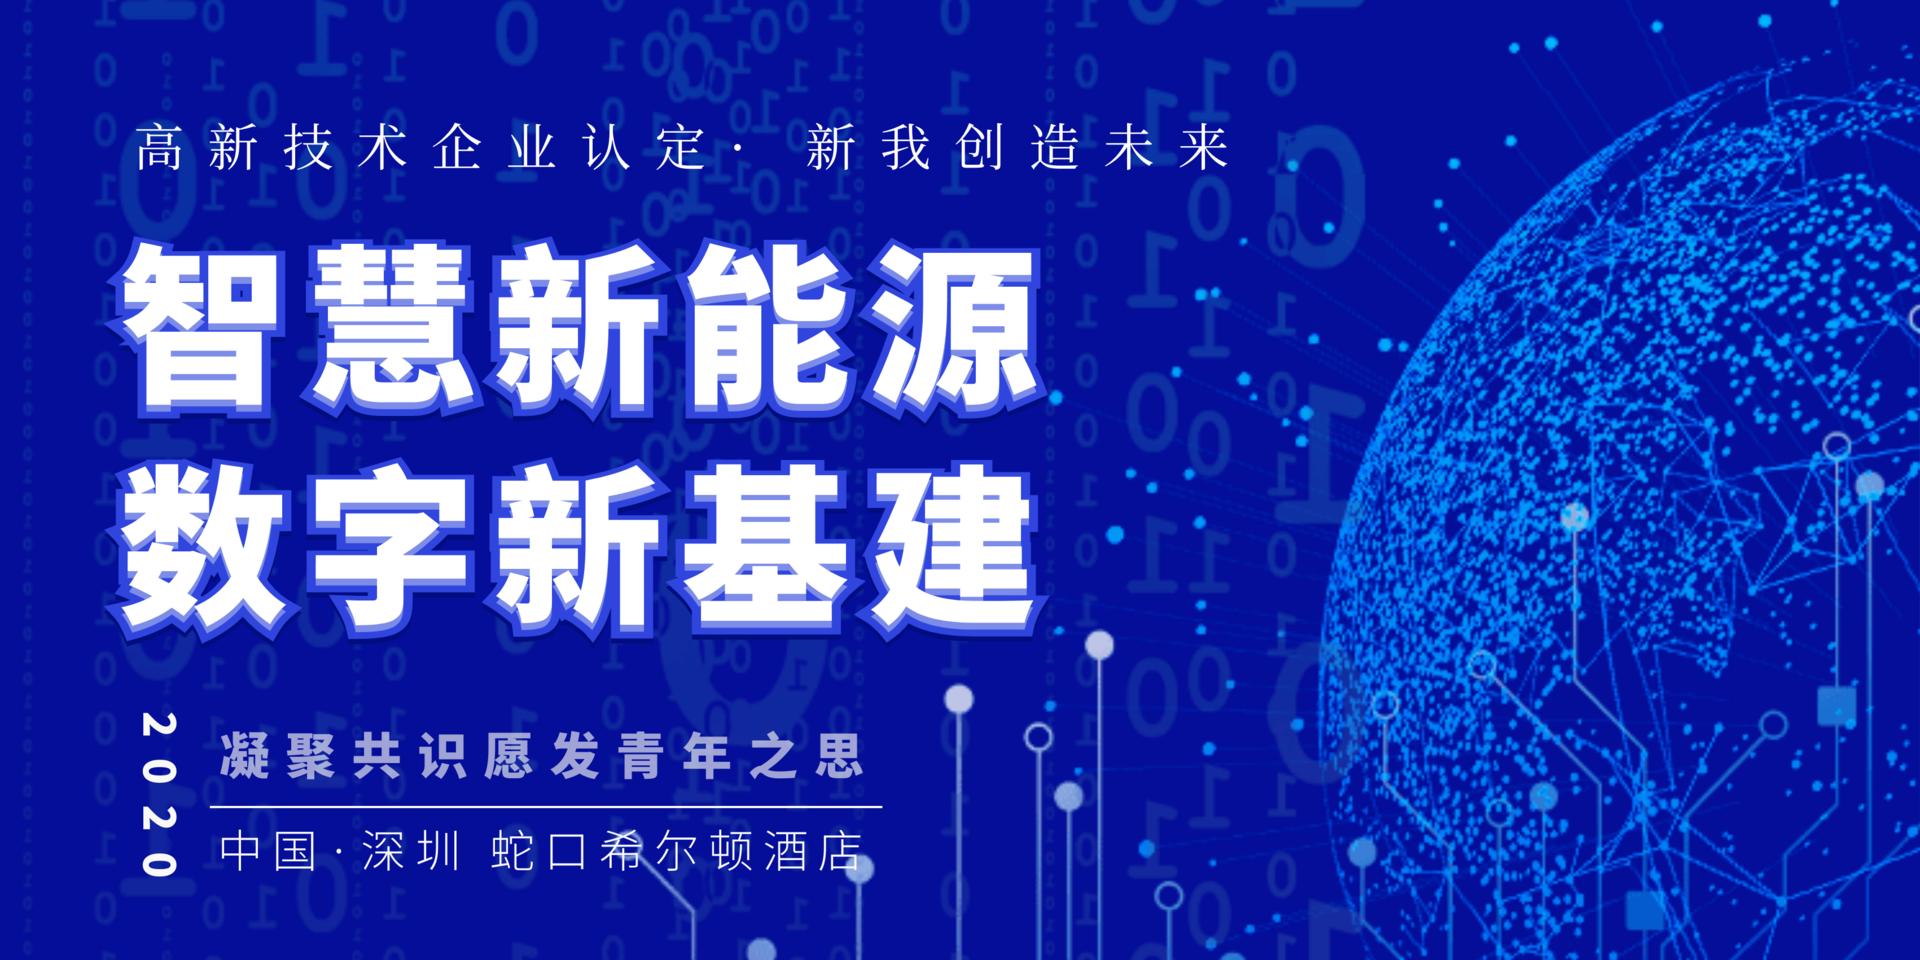 深圳北斗分布式能源智能交换系统应用与发展产业论坛开幕在即